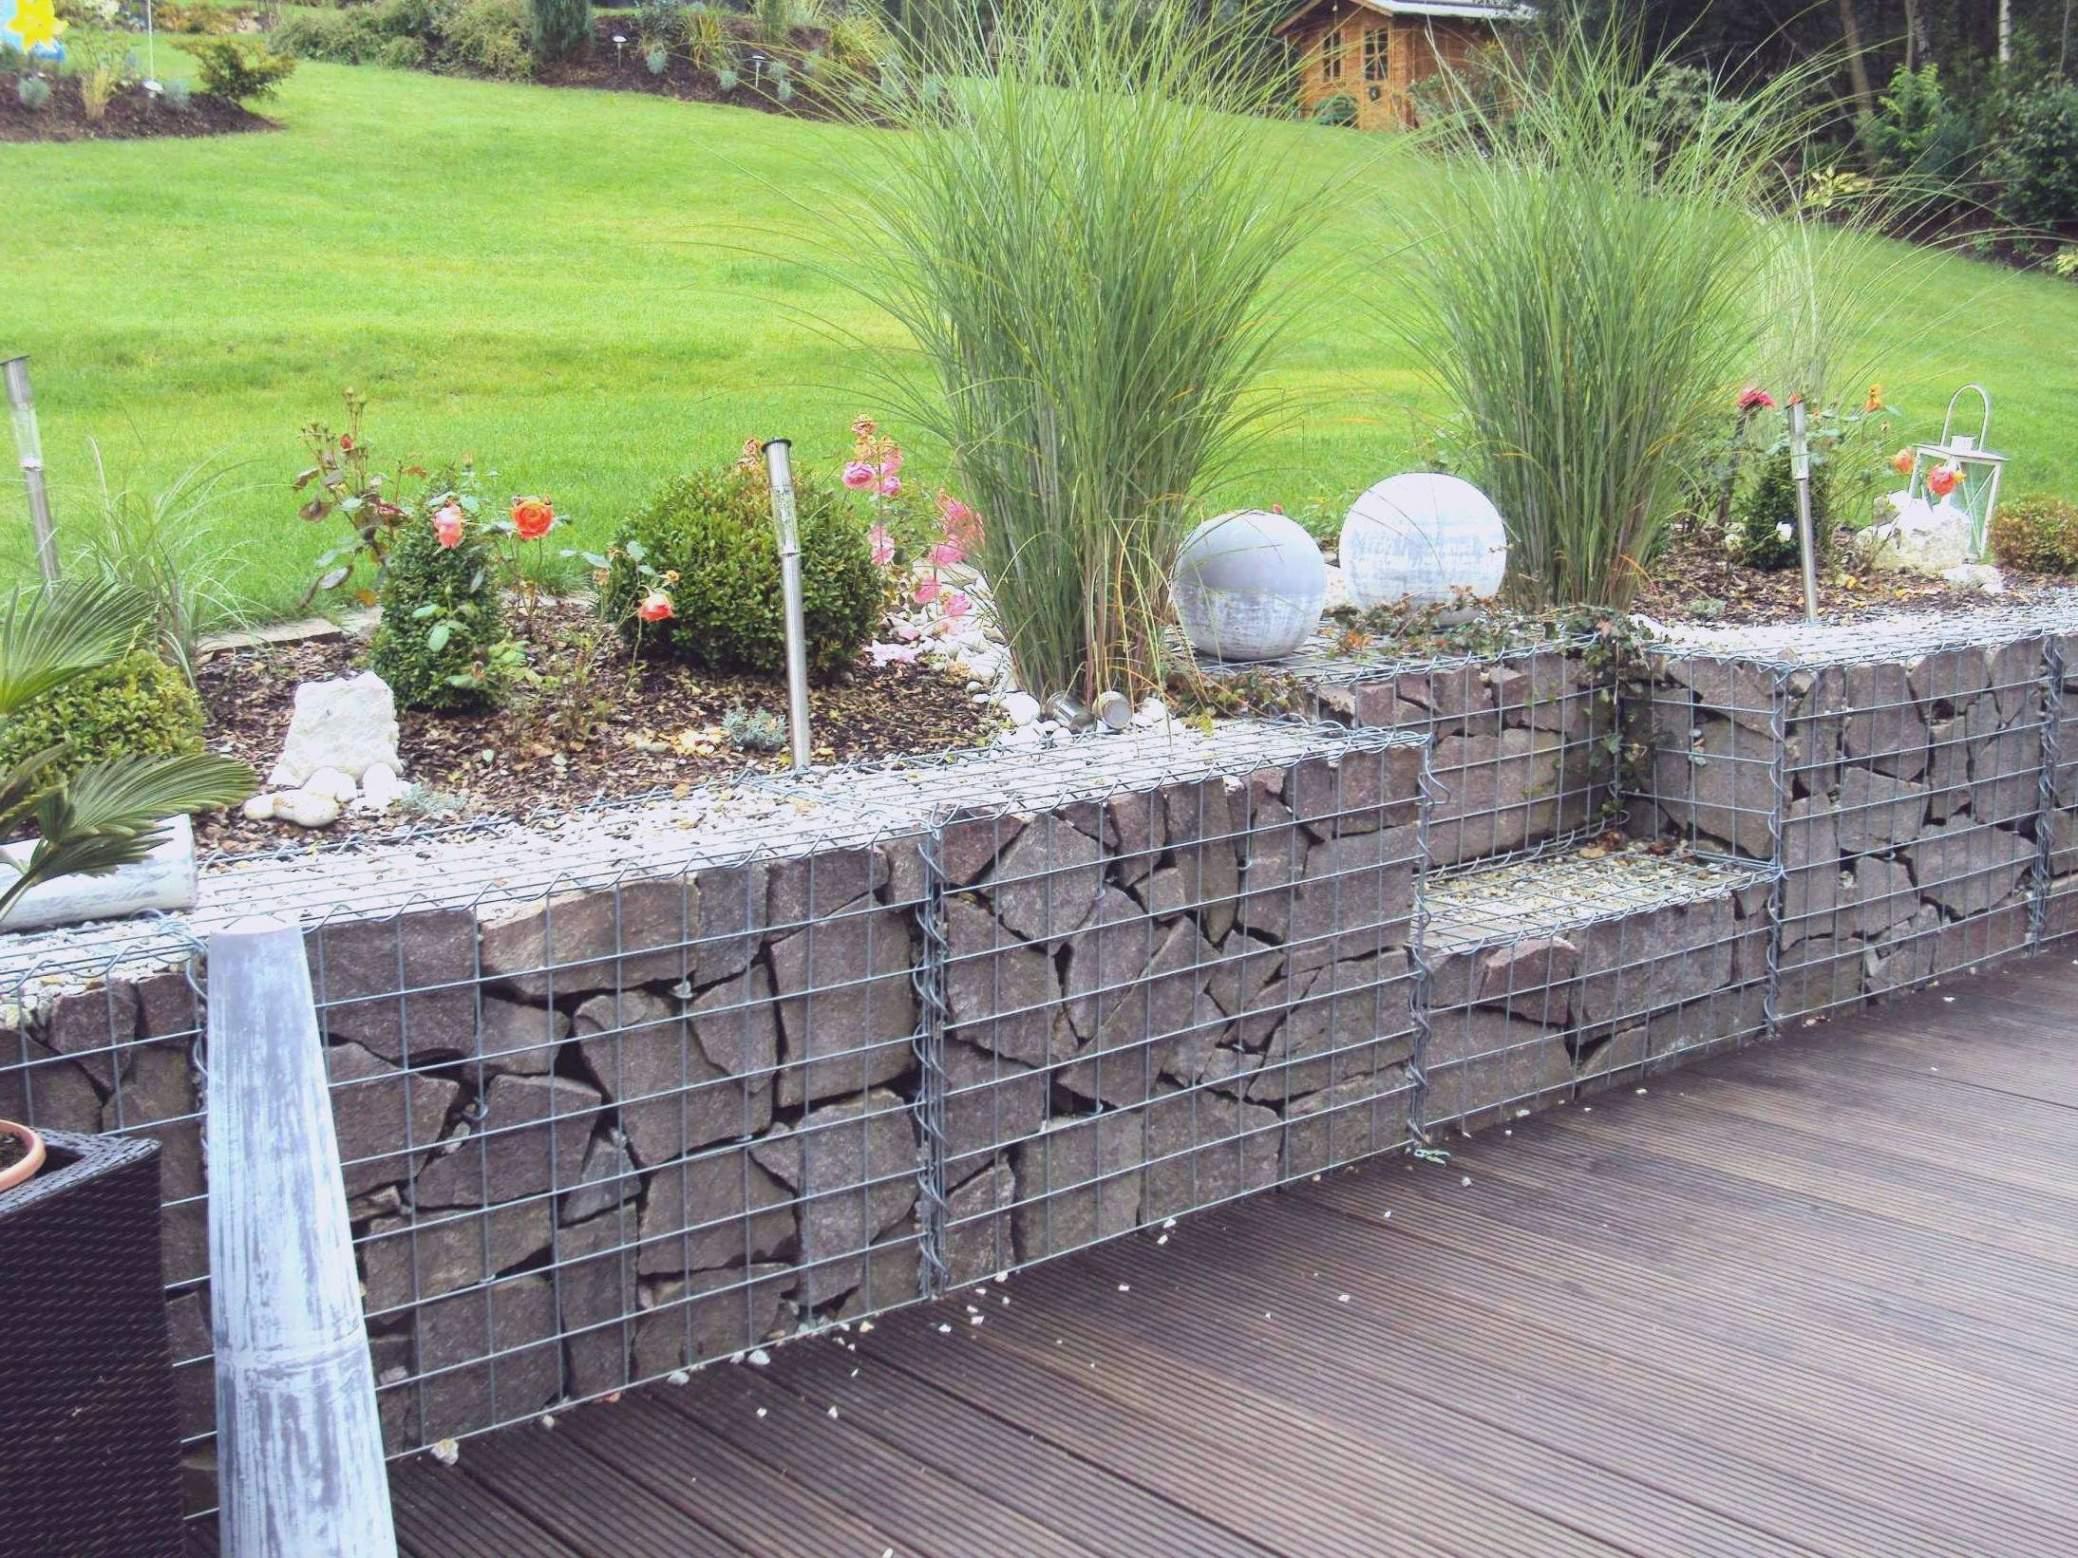 sichtschutz garten ideen pflanzen einzigartig inspirierend terrasse garten sichtschutz pflanzen garten sichtschutz pflanzen